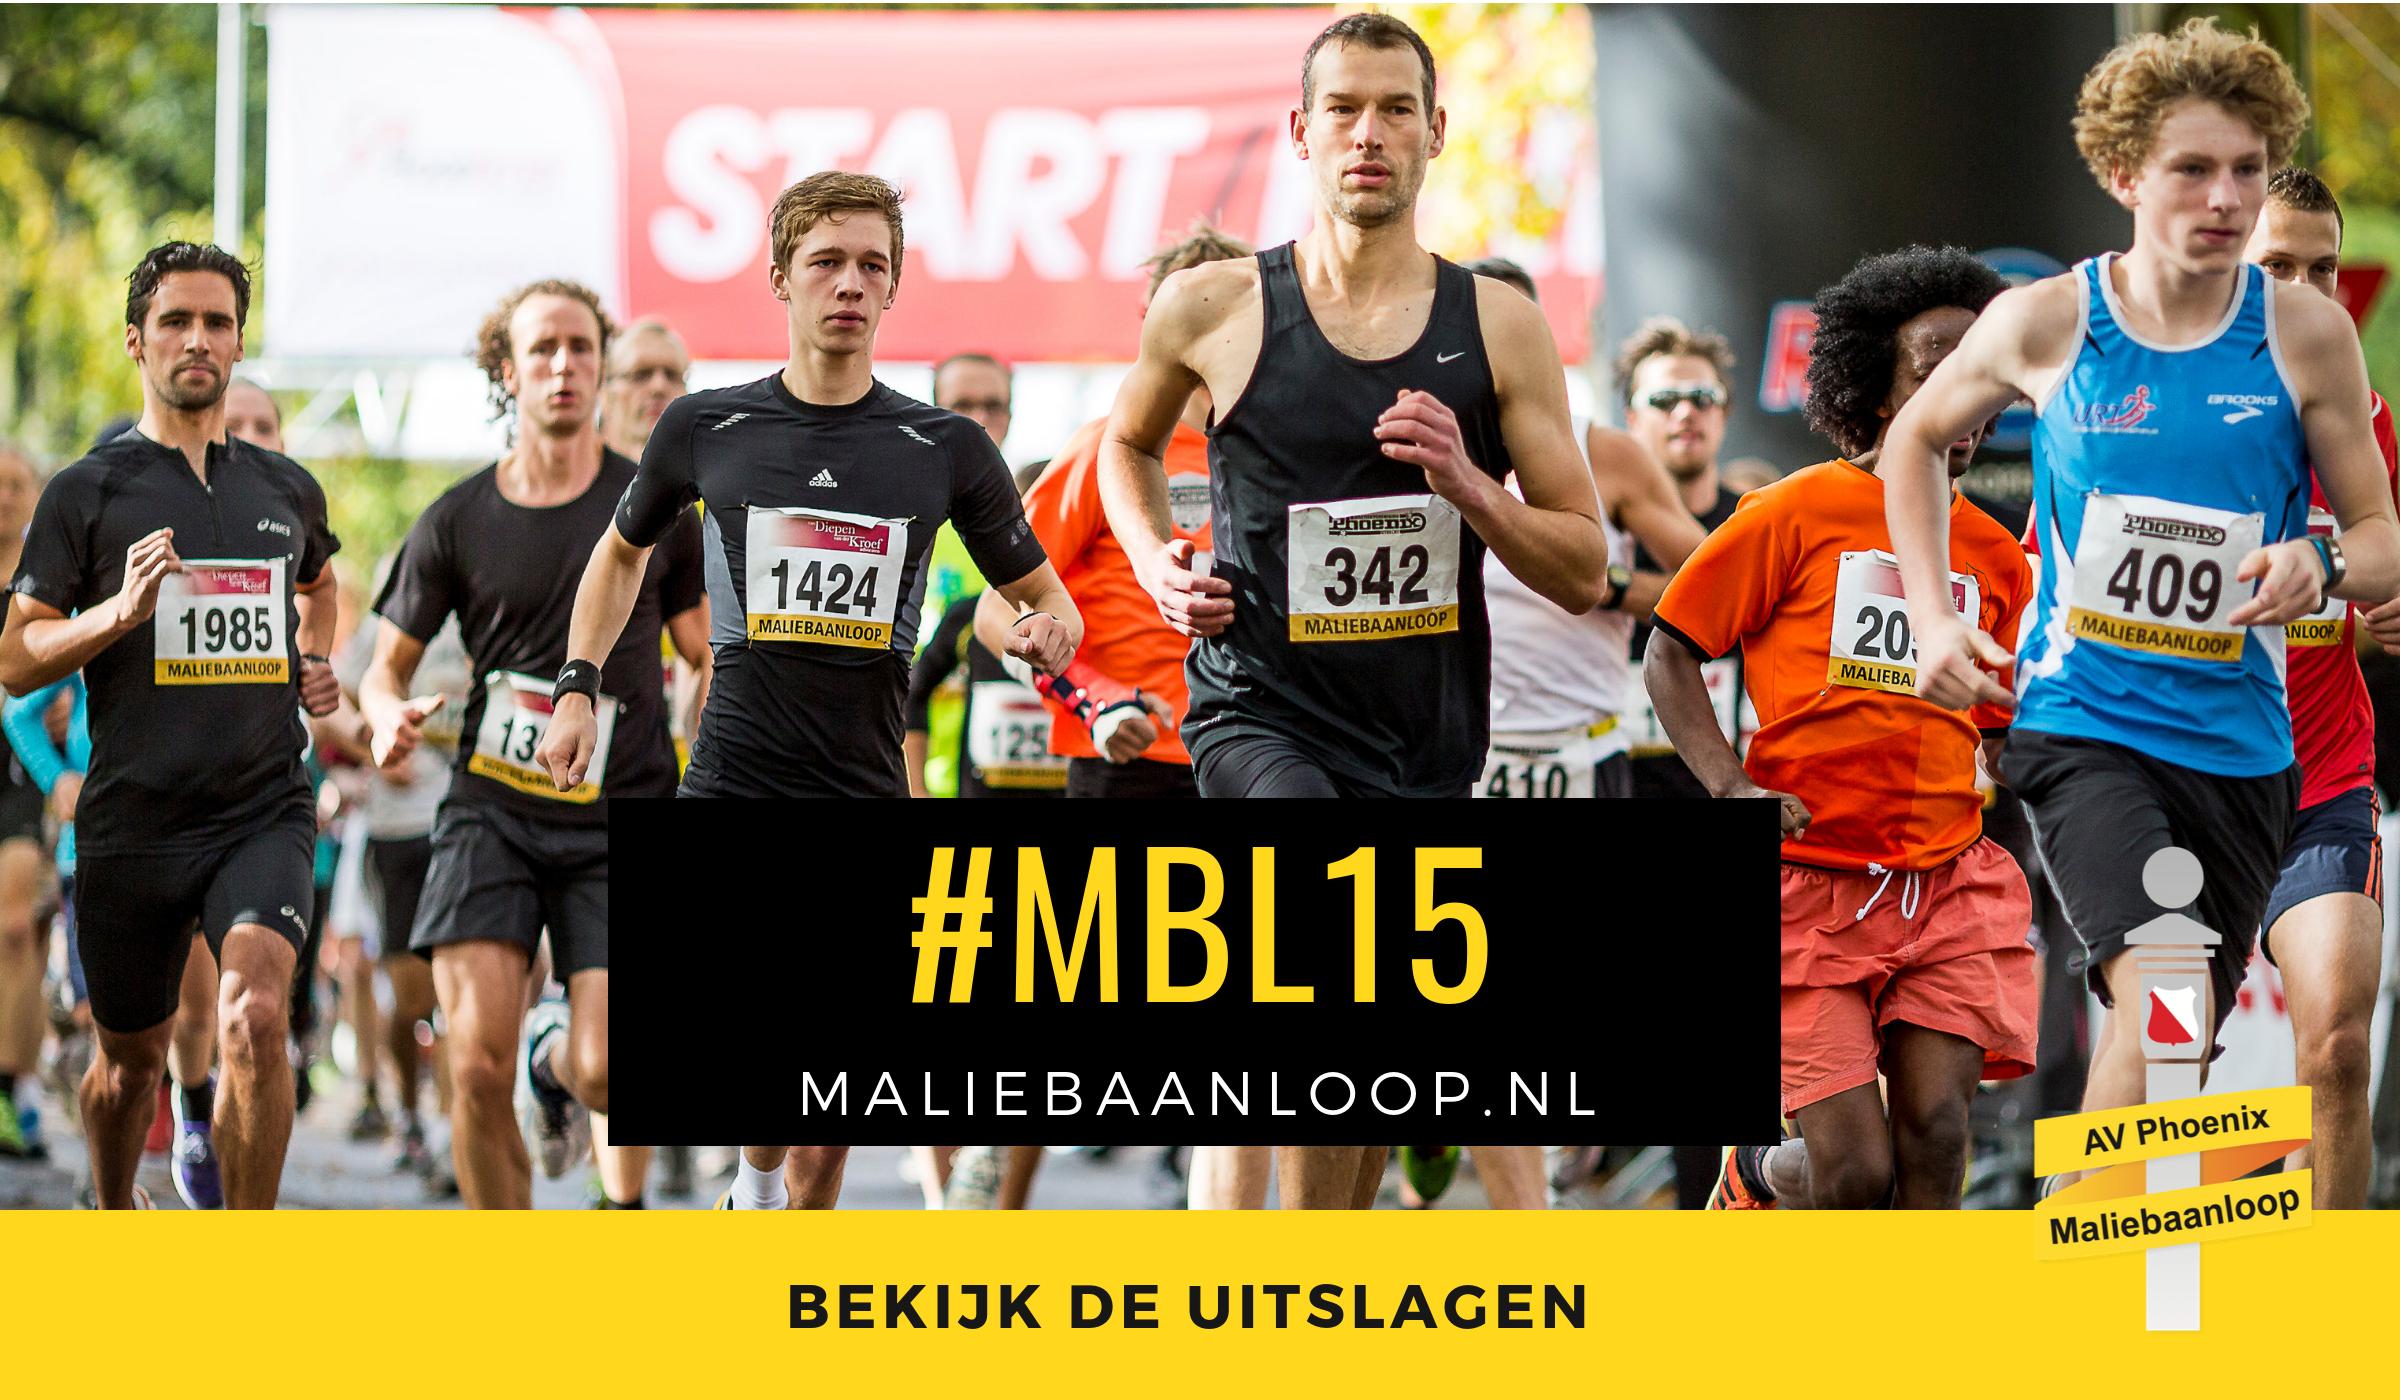 Uitslagen 31e Accountor Maliebaanloop 2015